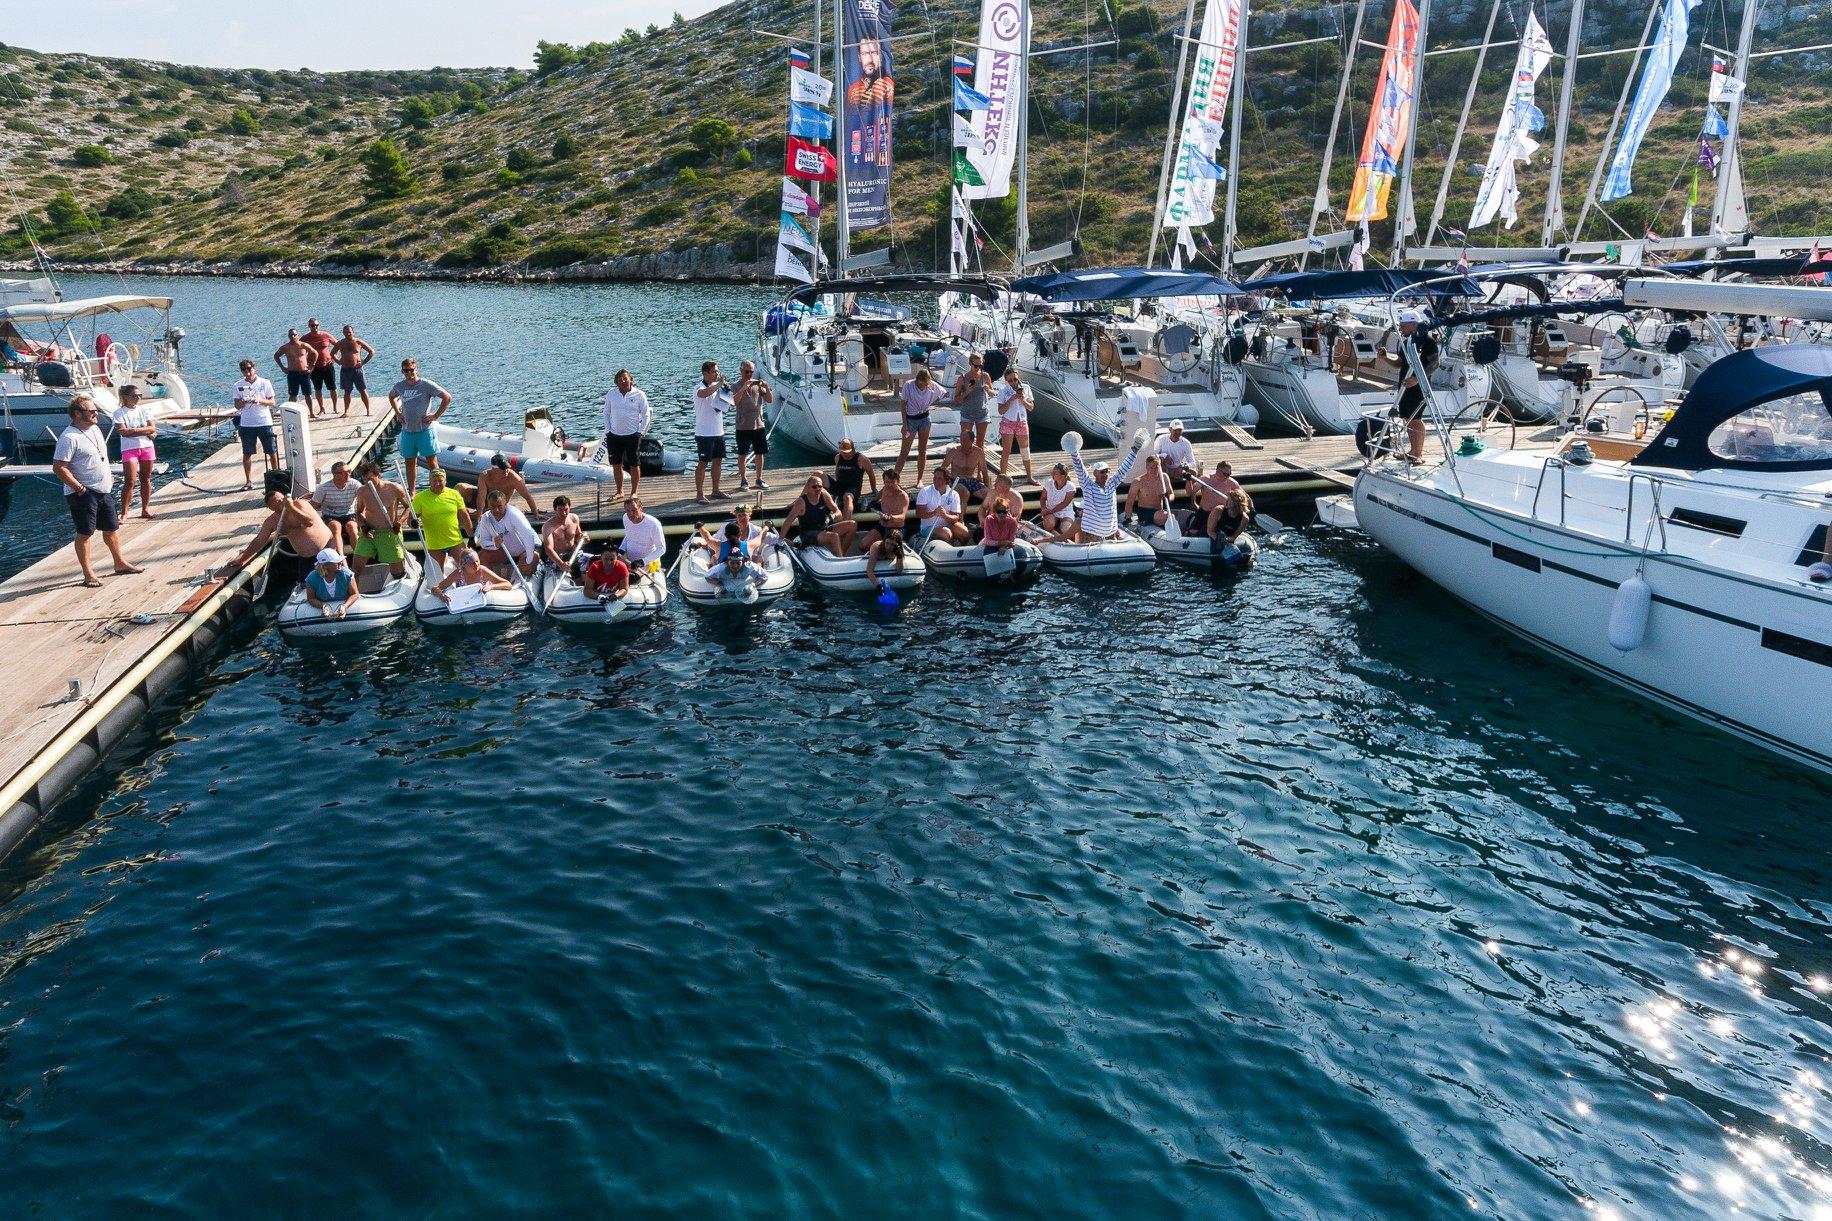 Причал, надувные лодки, конкурс - ДСМ групп Фармрегата 2019 - DSM Group Pharmregata 2019